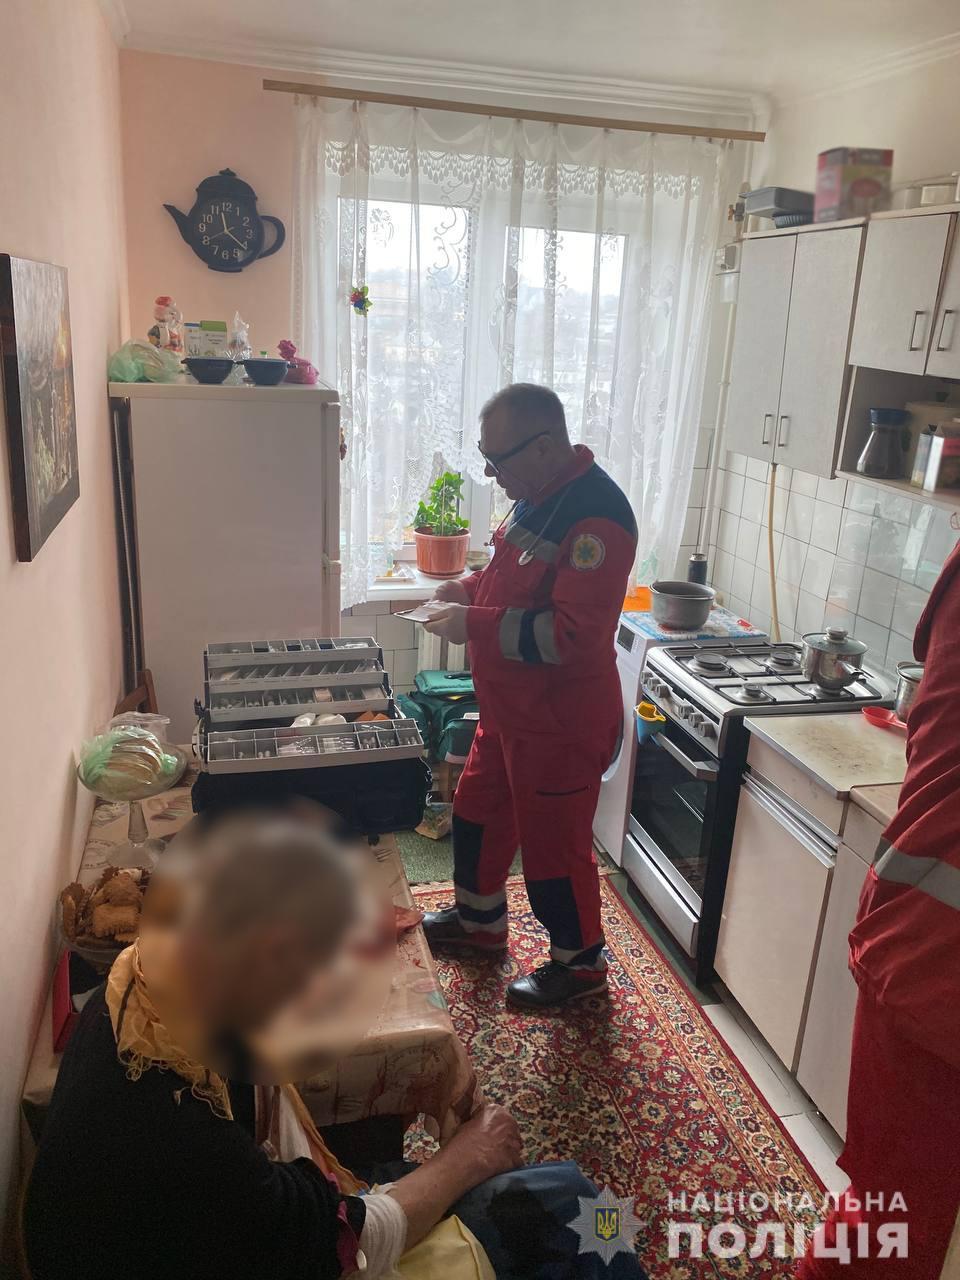 В Умані чоловік порізав собі вени. Поліцейські надали першу допомогу